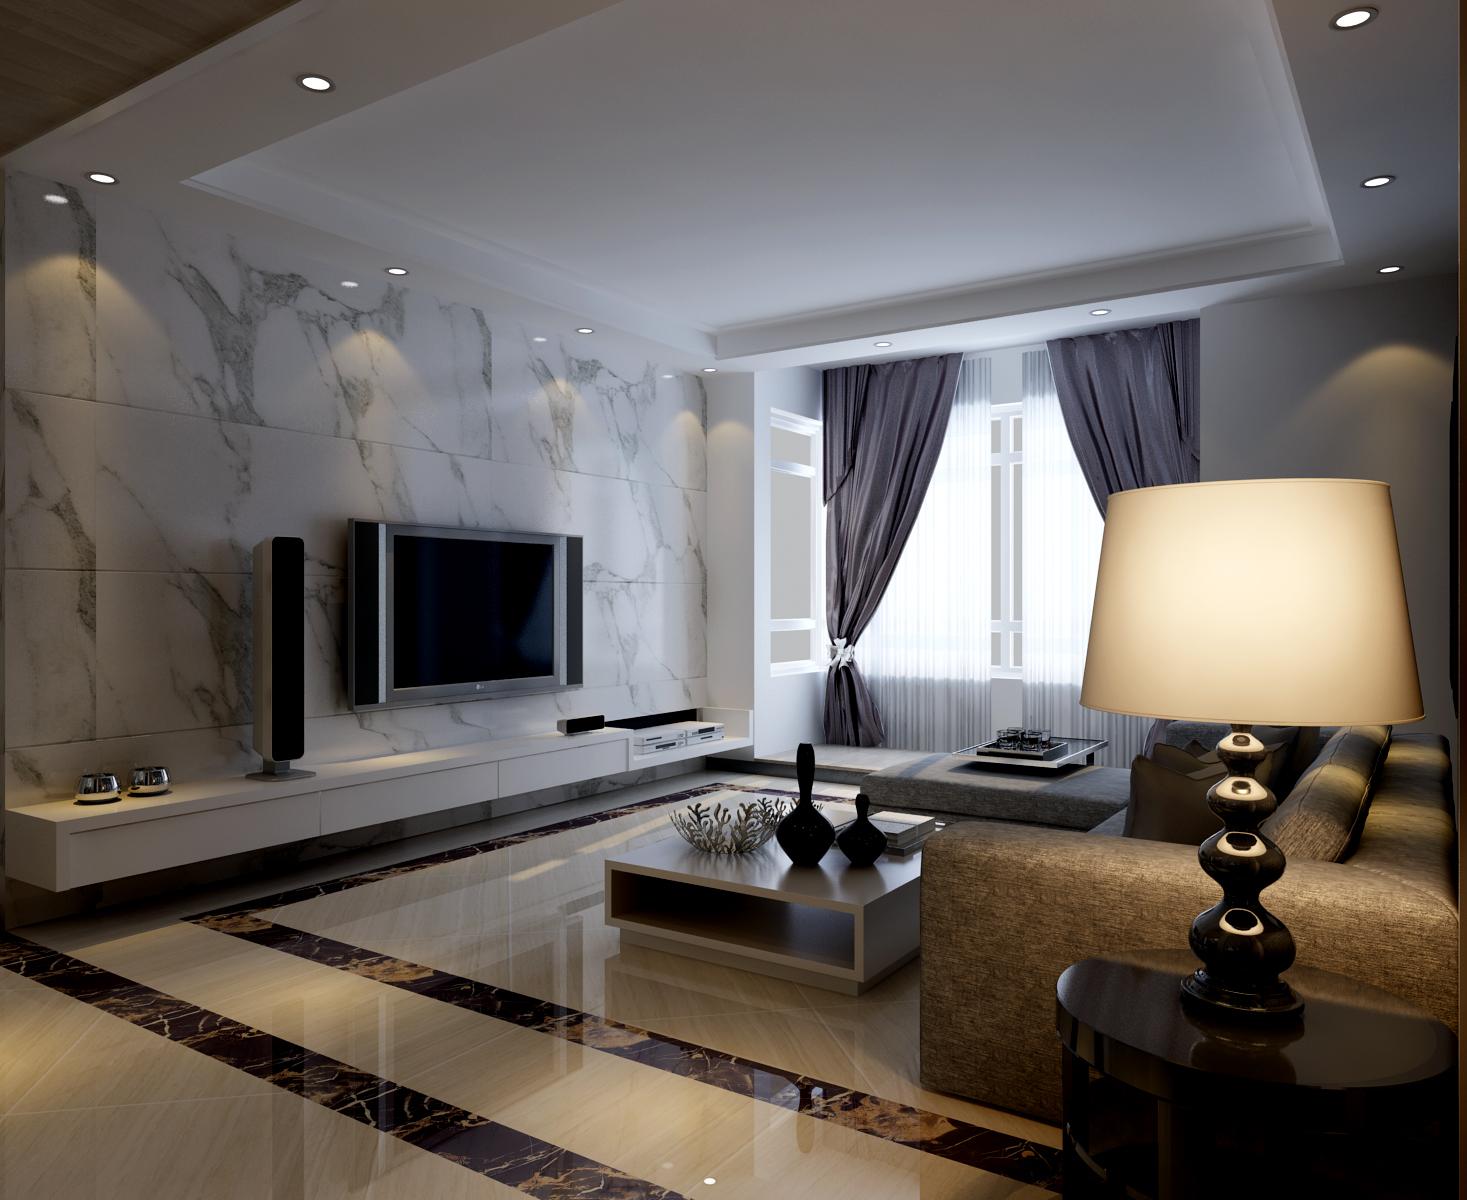 中海环宇天悦 95平两居室现代简约风格设计装修效果图 简欧风格两居室图片